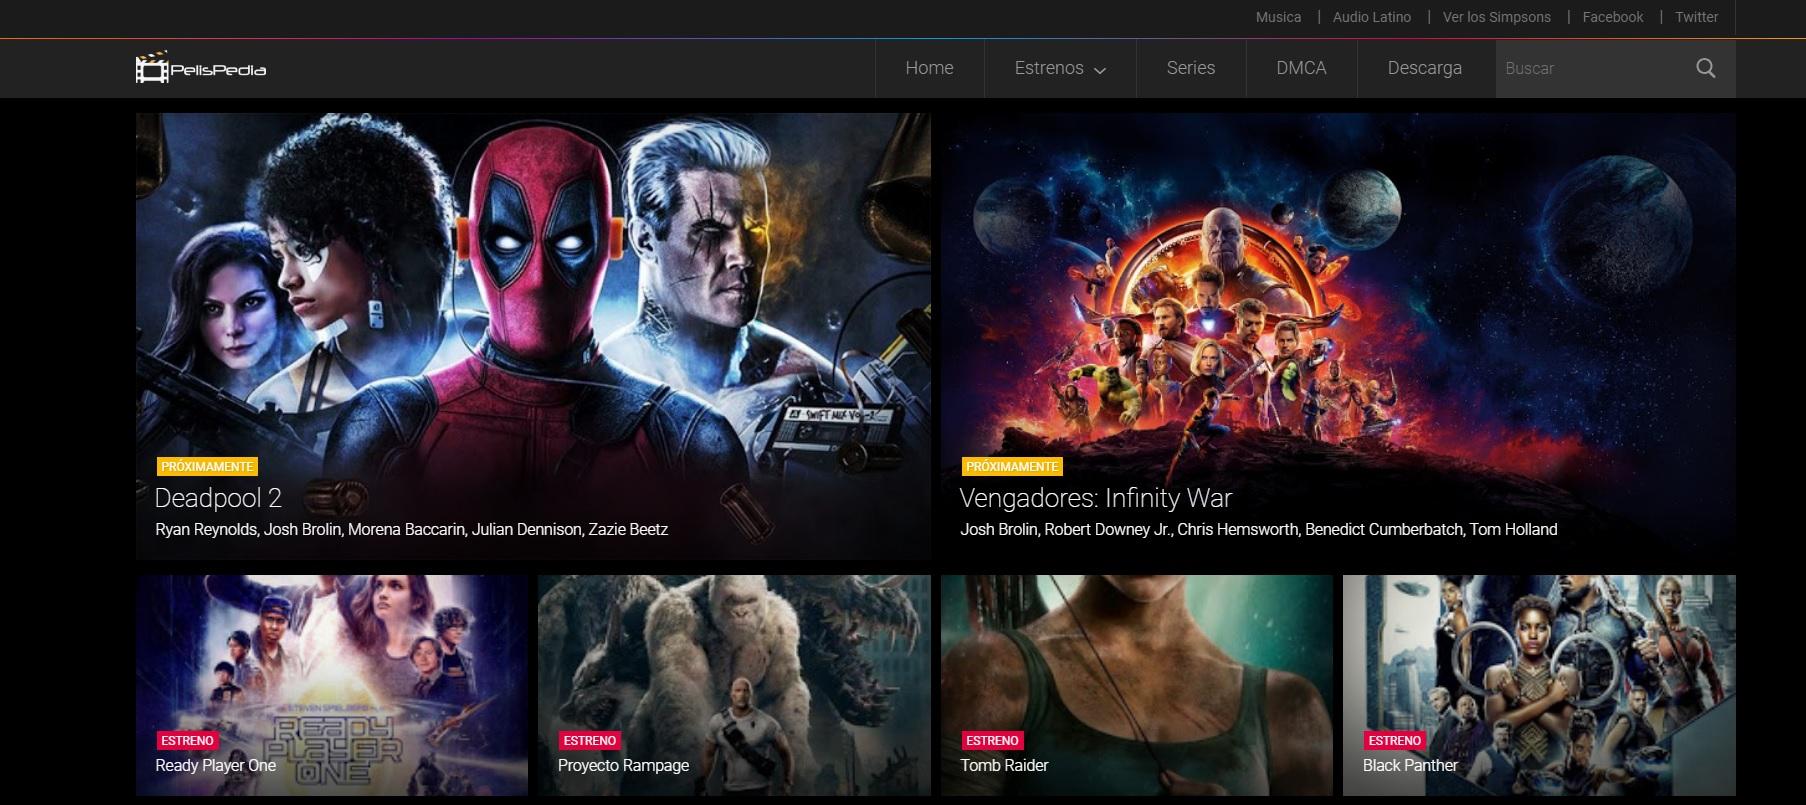 Pelispedia: Películas , series online sin descargar y sin registrarse